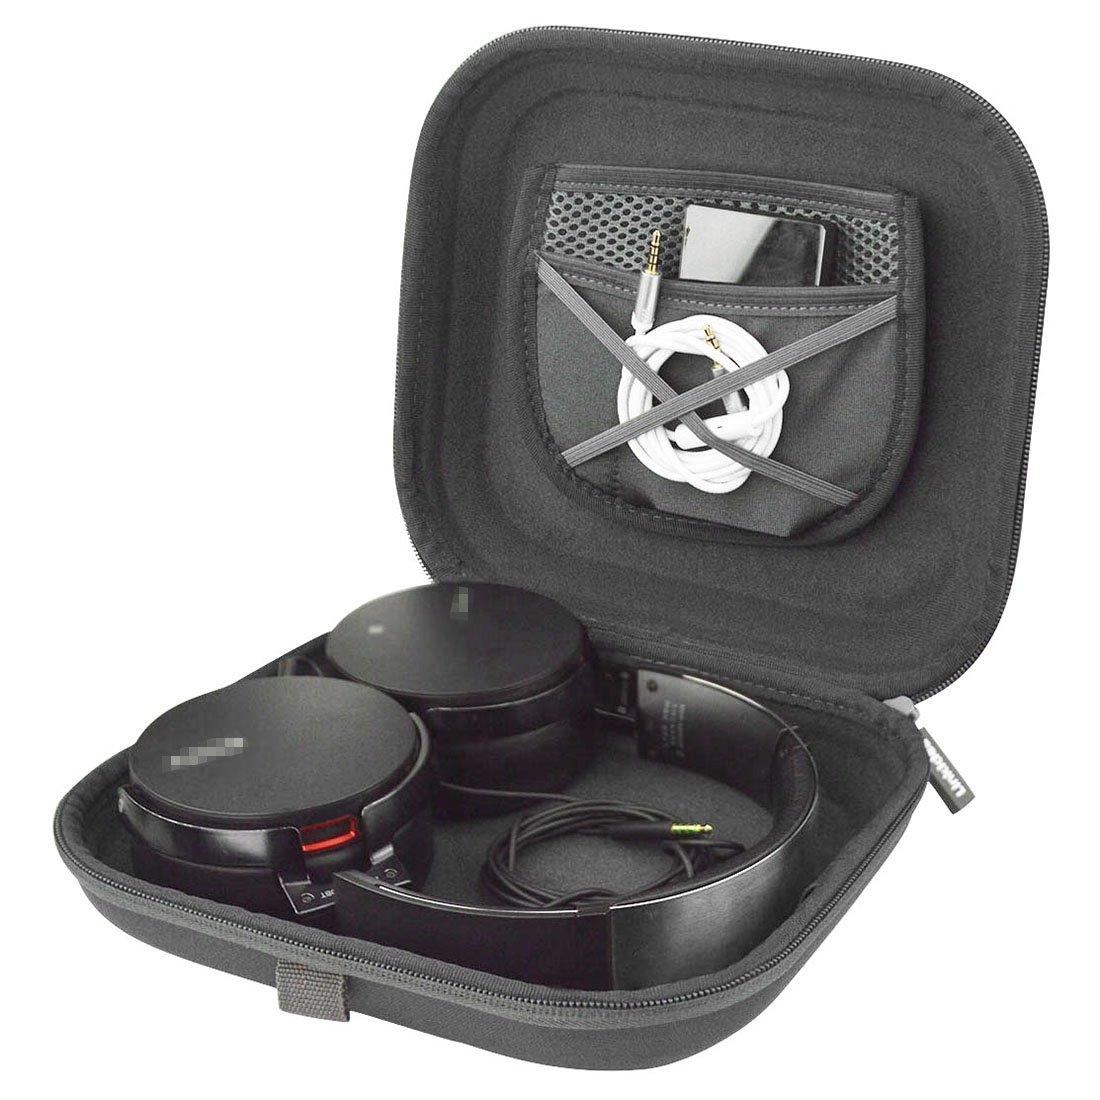 ヘッドホンヘッドセットCarrying Case for Sony MDR, AKG, ATH, B & Oヘッドフォン/Headphone Fullサイズハード旅行バッグ   B01G4SZ8BM